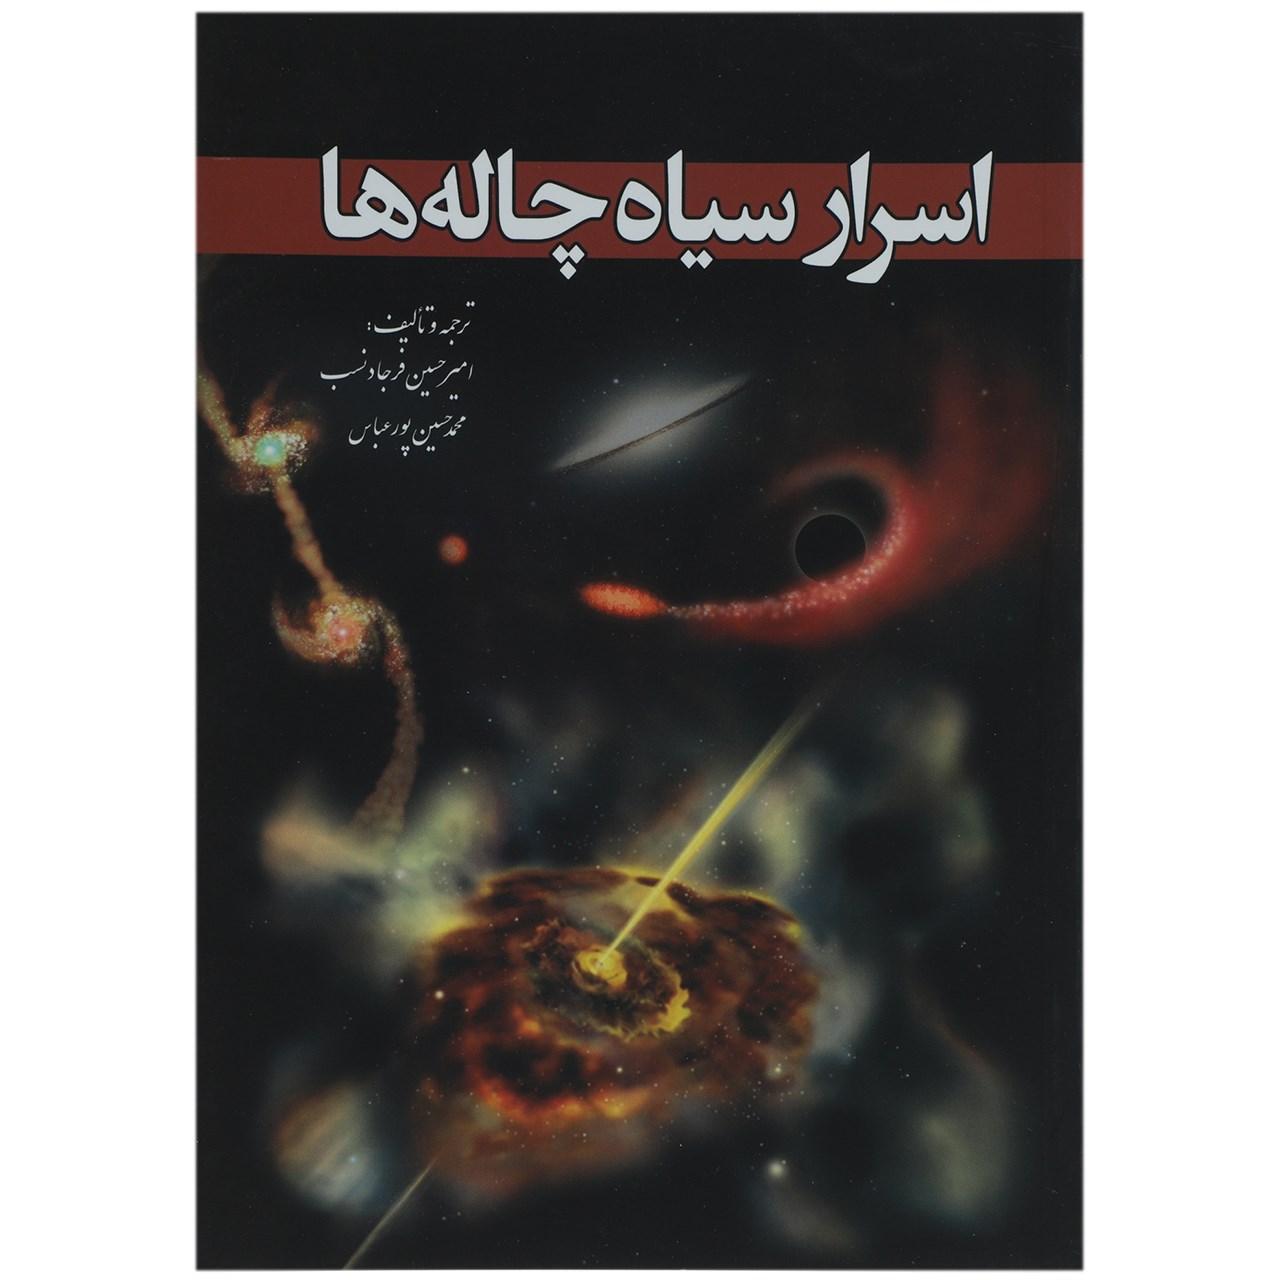 کتاب اسرار سیاه چاله ها اثر امیر حسینفر جادنسب